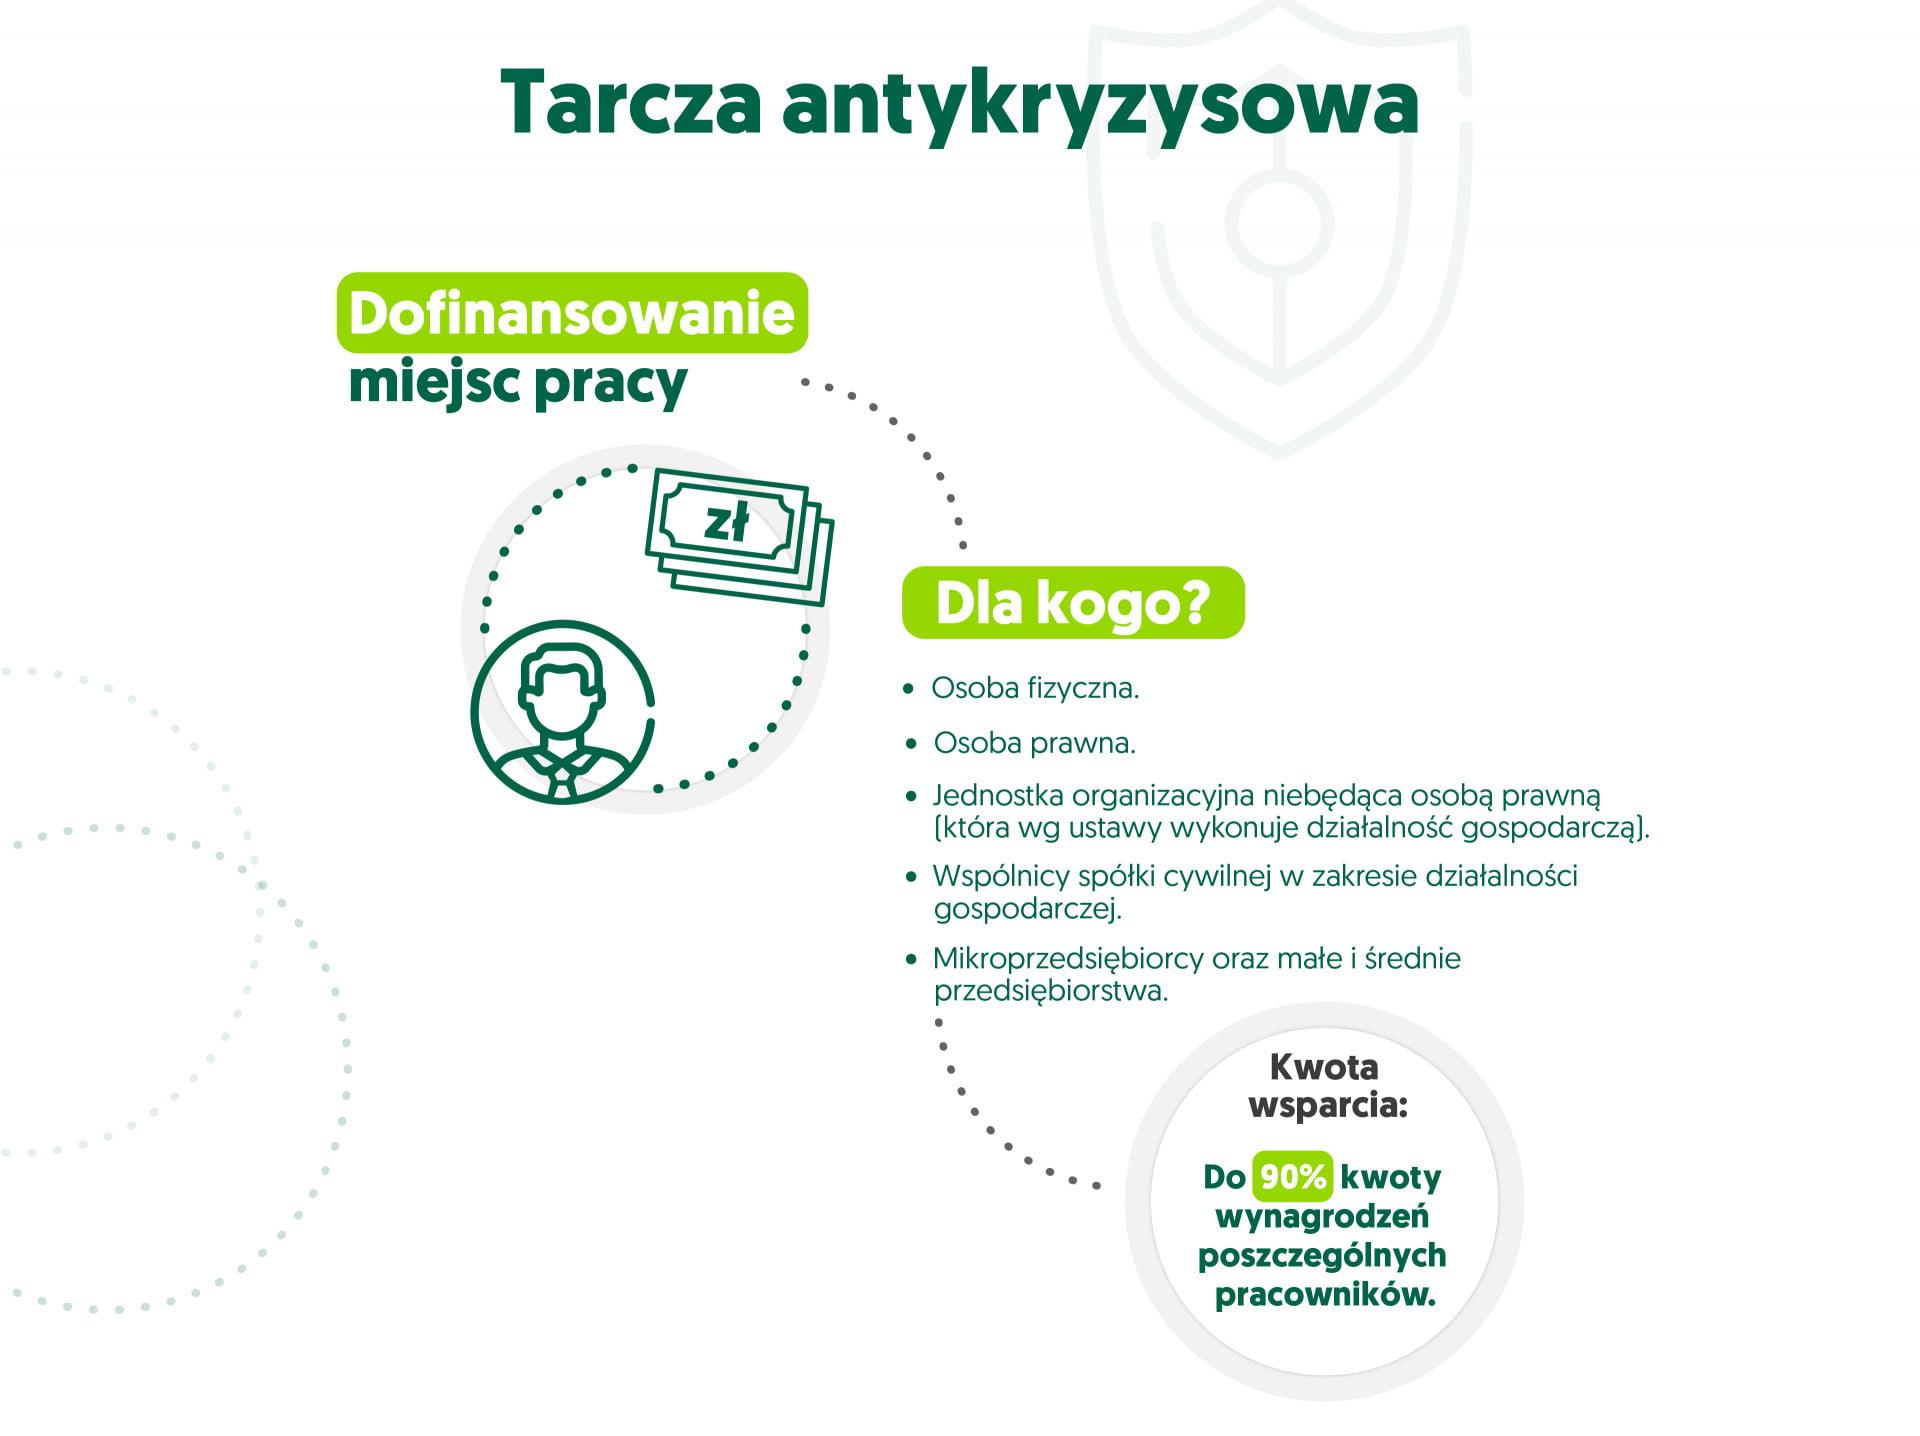 infografika tarcza antykryzysowa - dofinansowanie miejsc pracy